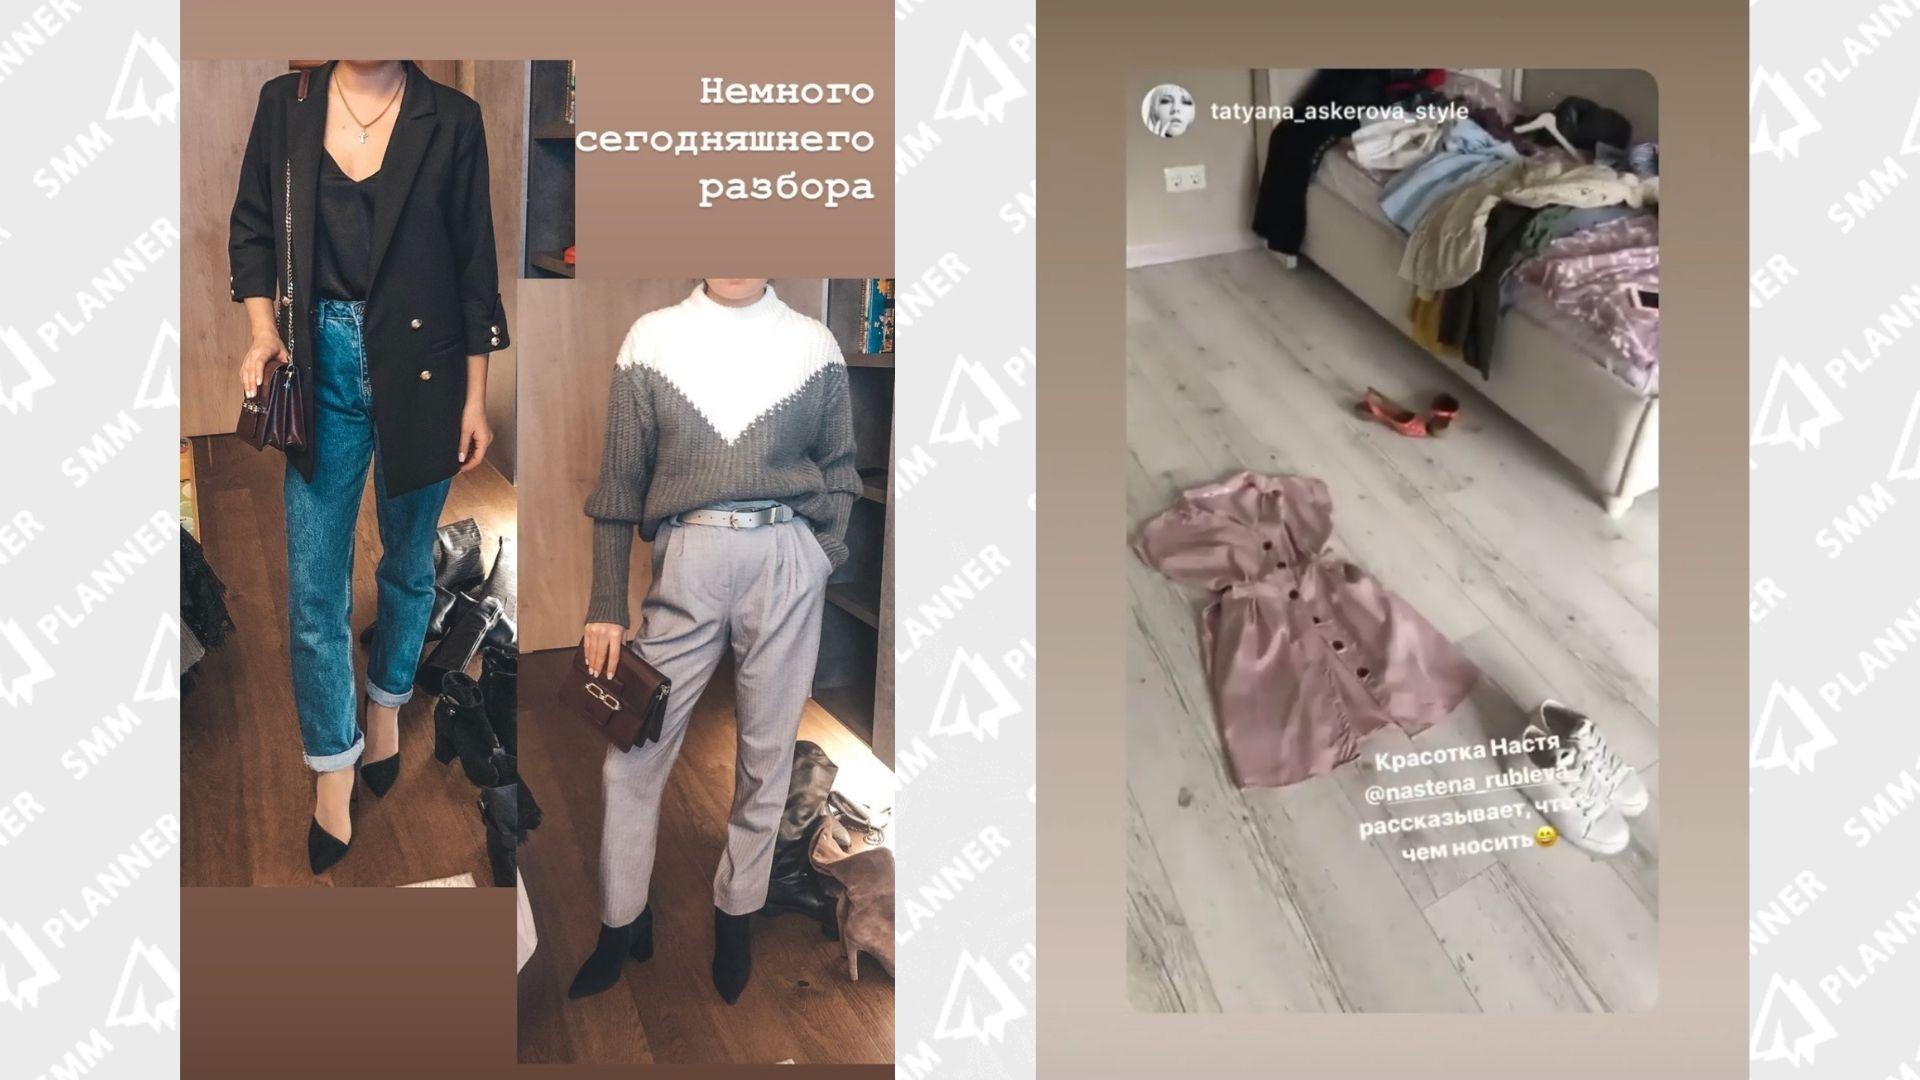 Как проходит разбор гардероба со стилистом